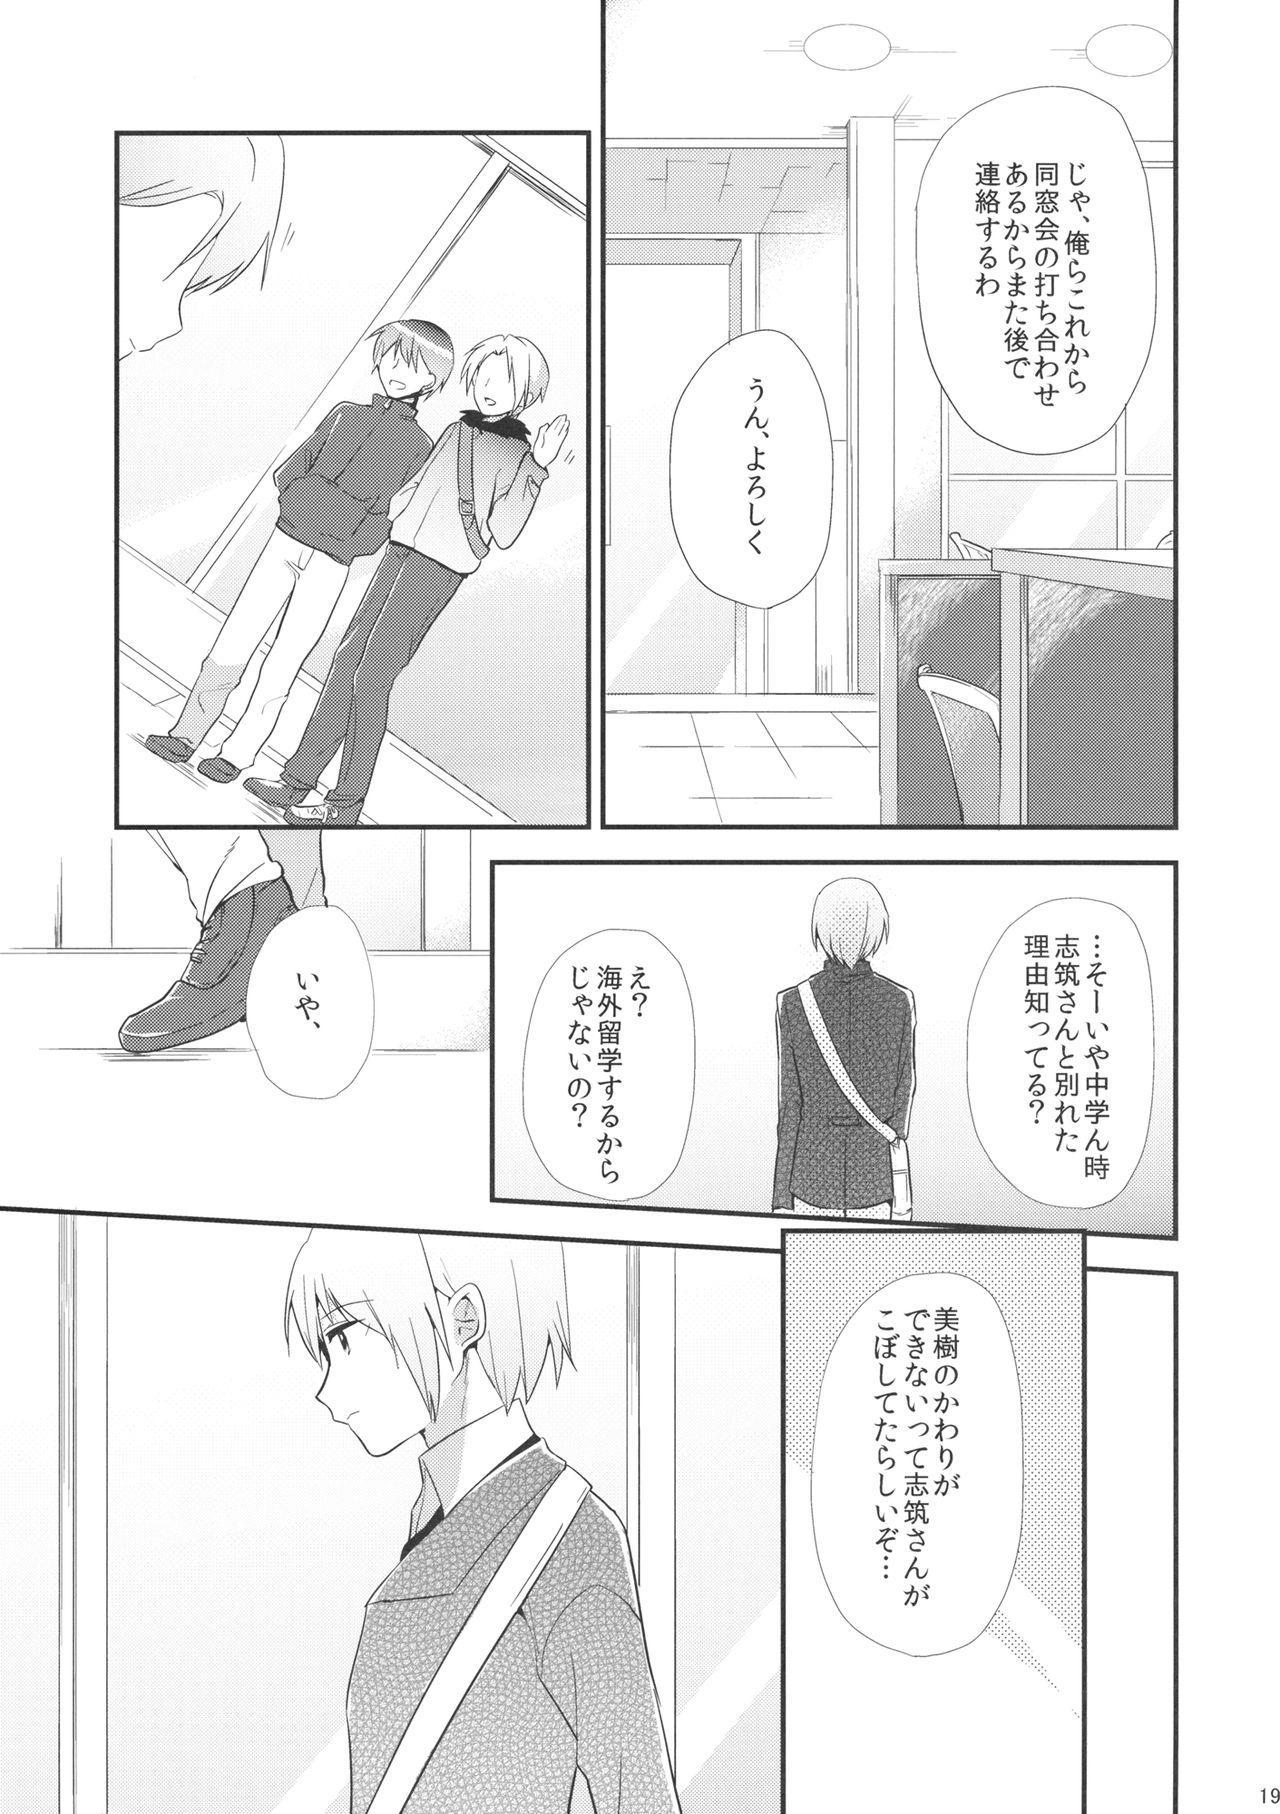 if Kanzenban 17